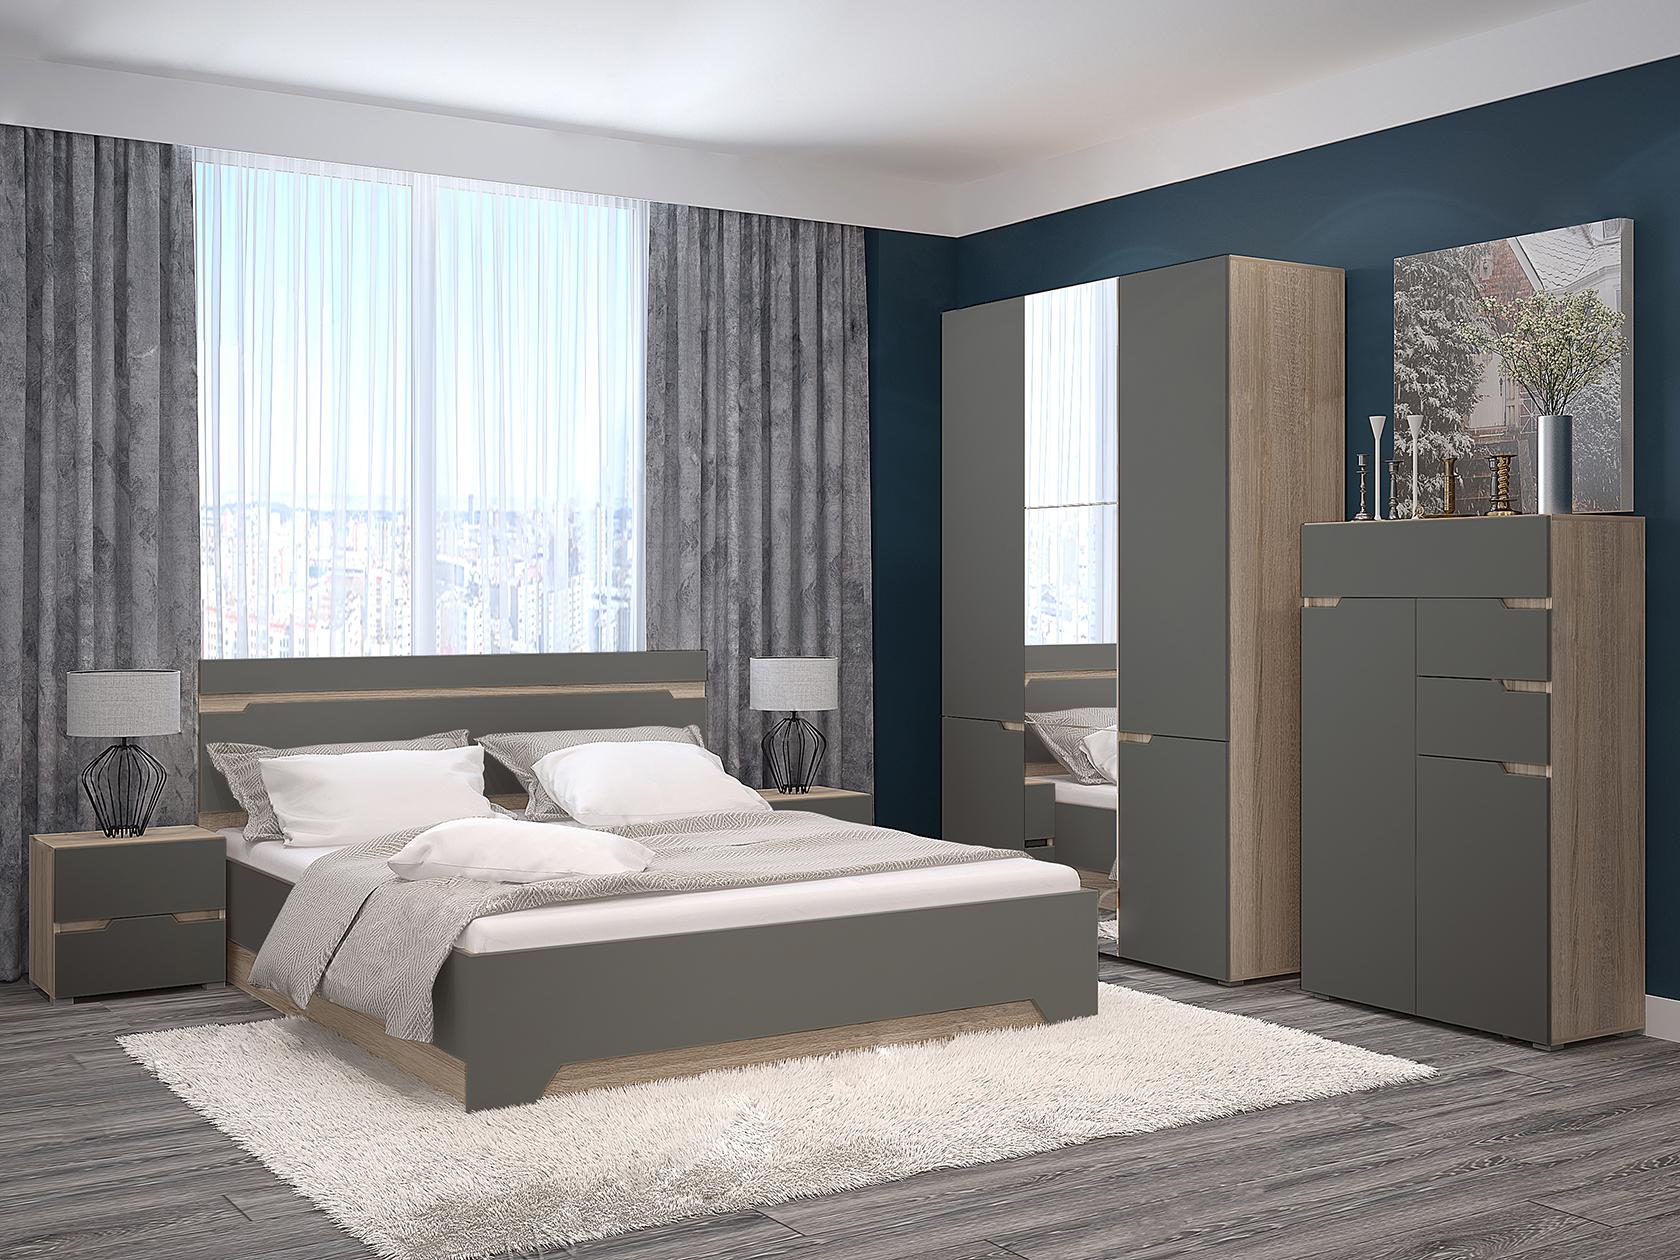 Спальный гарнитур 179-75901